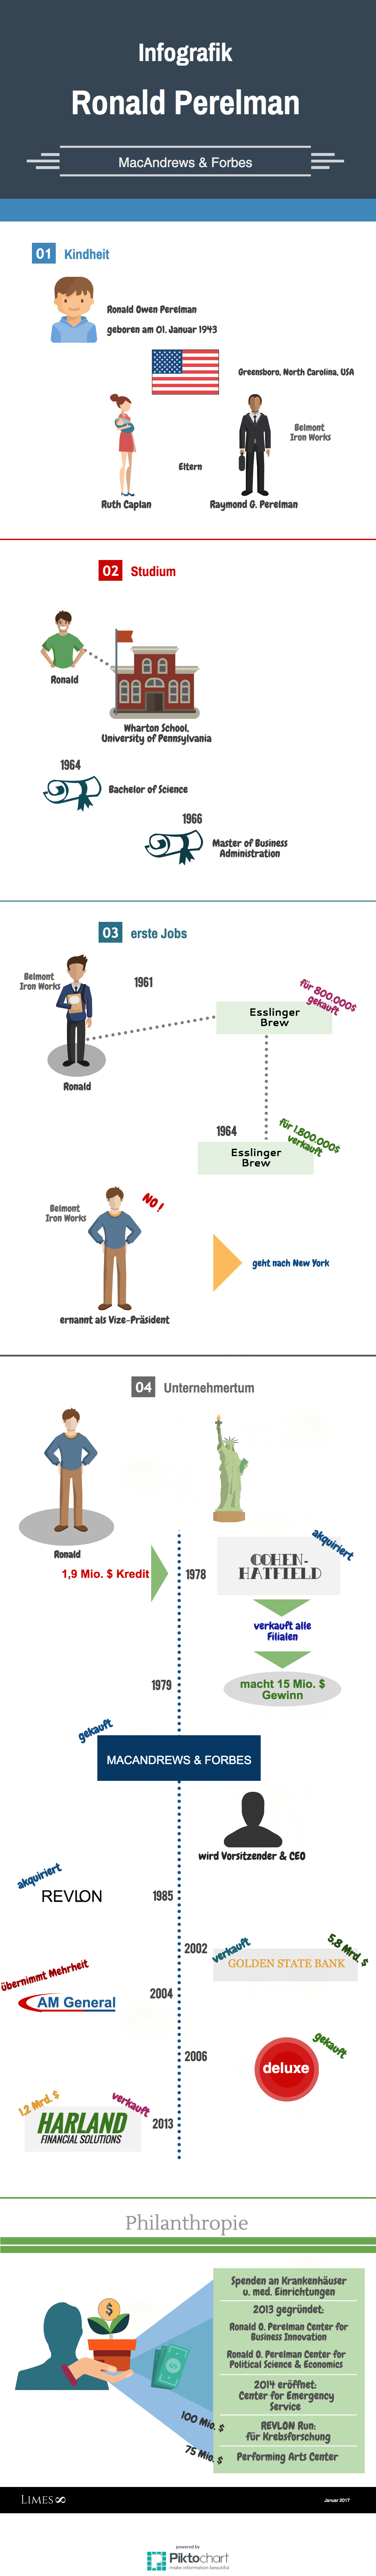 Informationsgrafik über den Milliardär Ronald Perelman